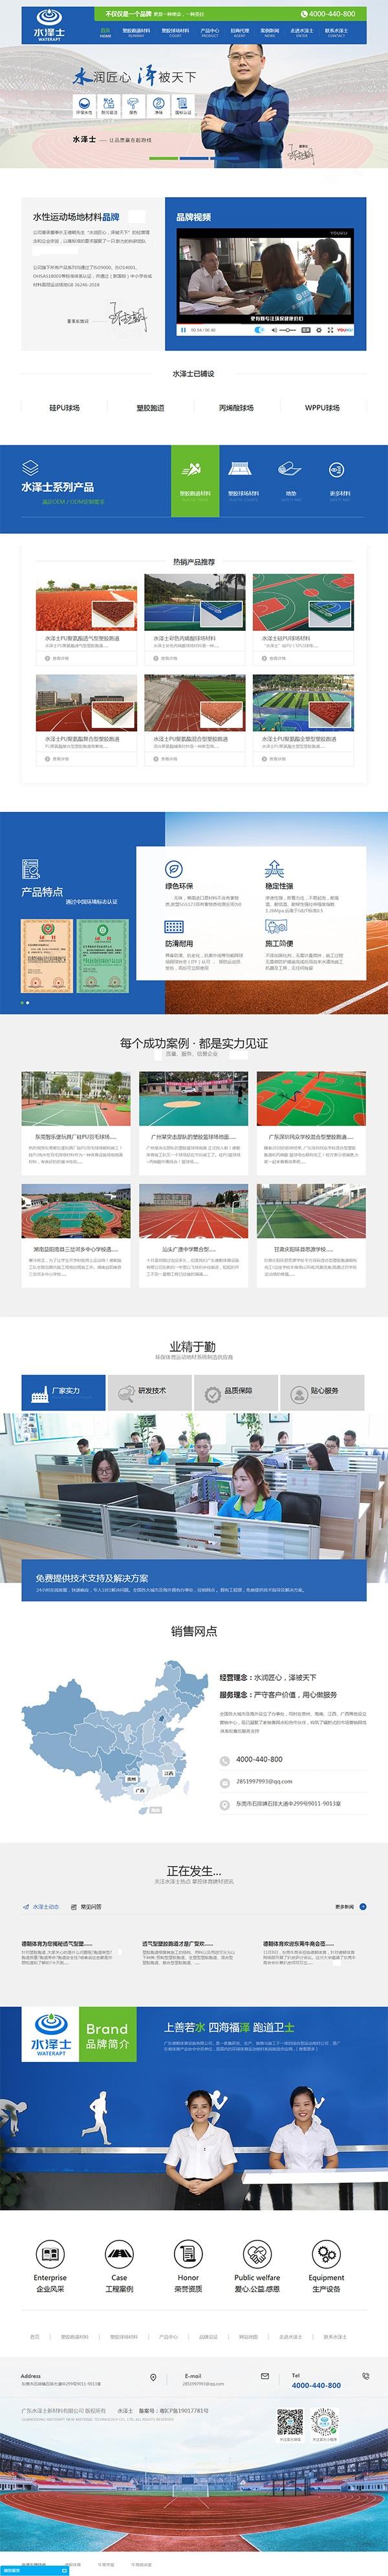 水泽士新材料公司——龙8国际龙88型龙8国际官网首页首页截图